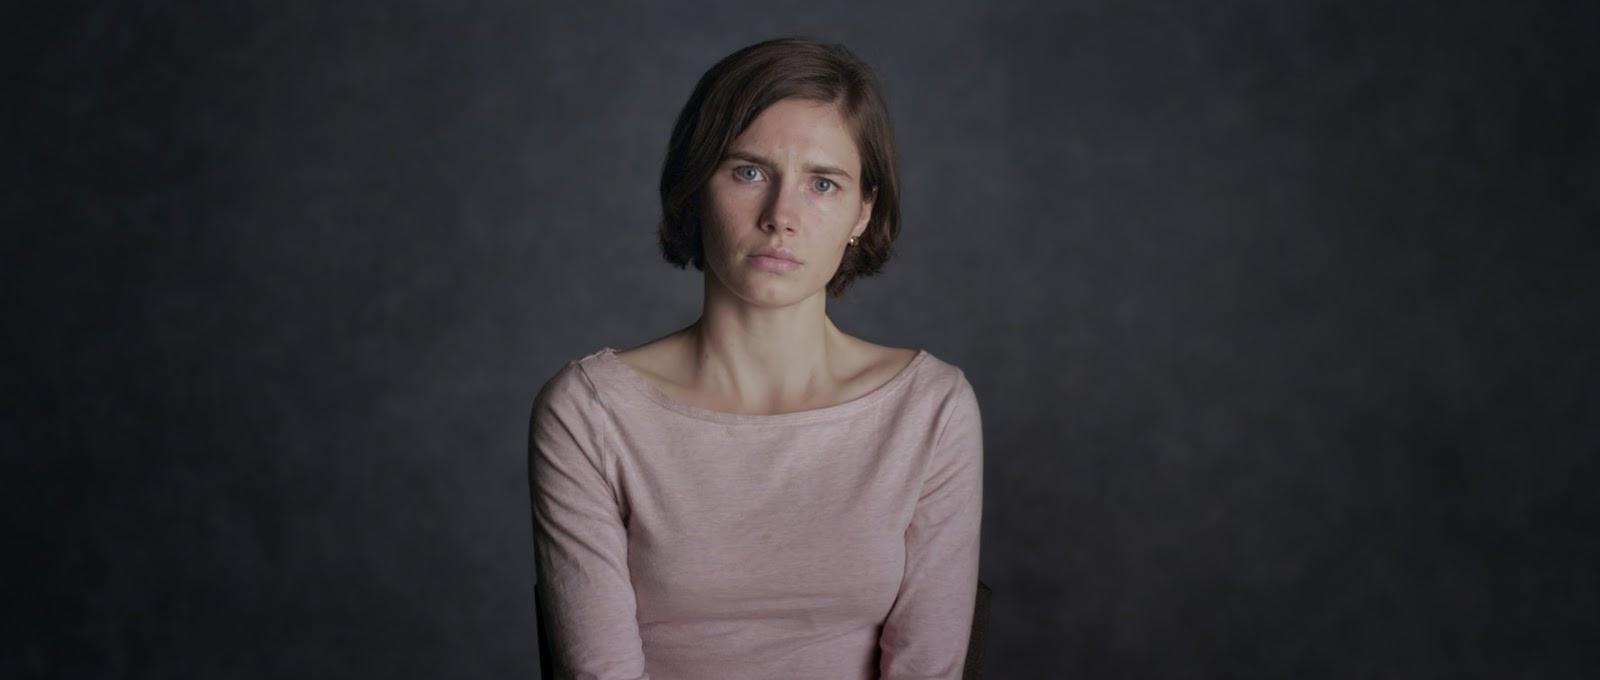 Amanda knox en Netflix